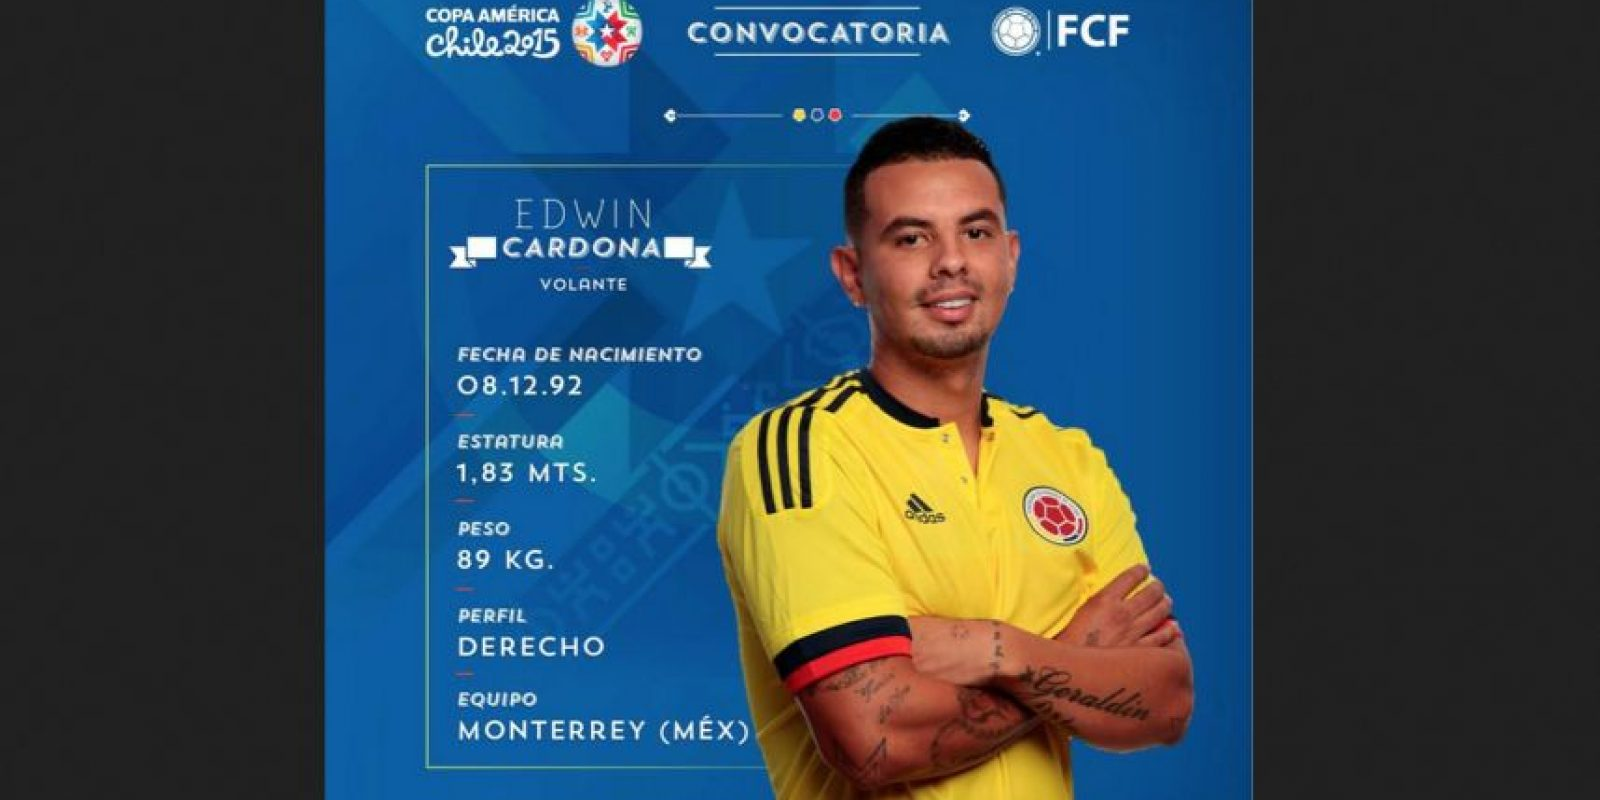 Foto:Cortesía Federación Colombiana de Fútbol.